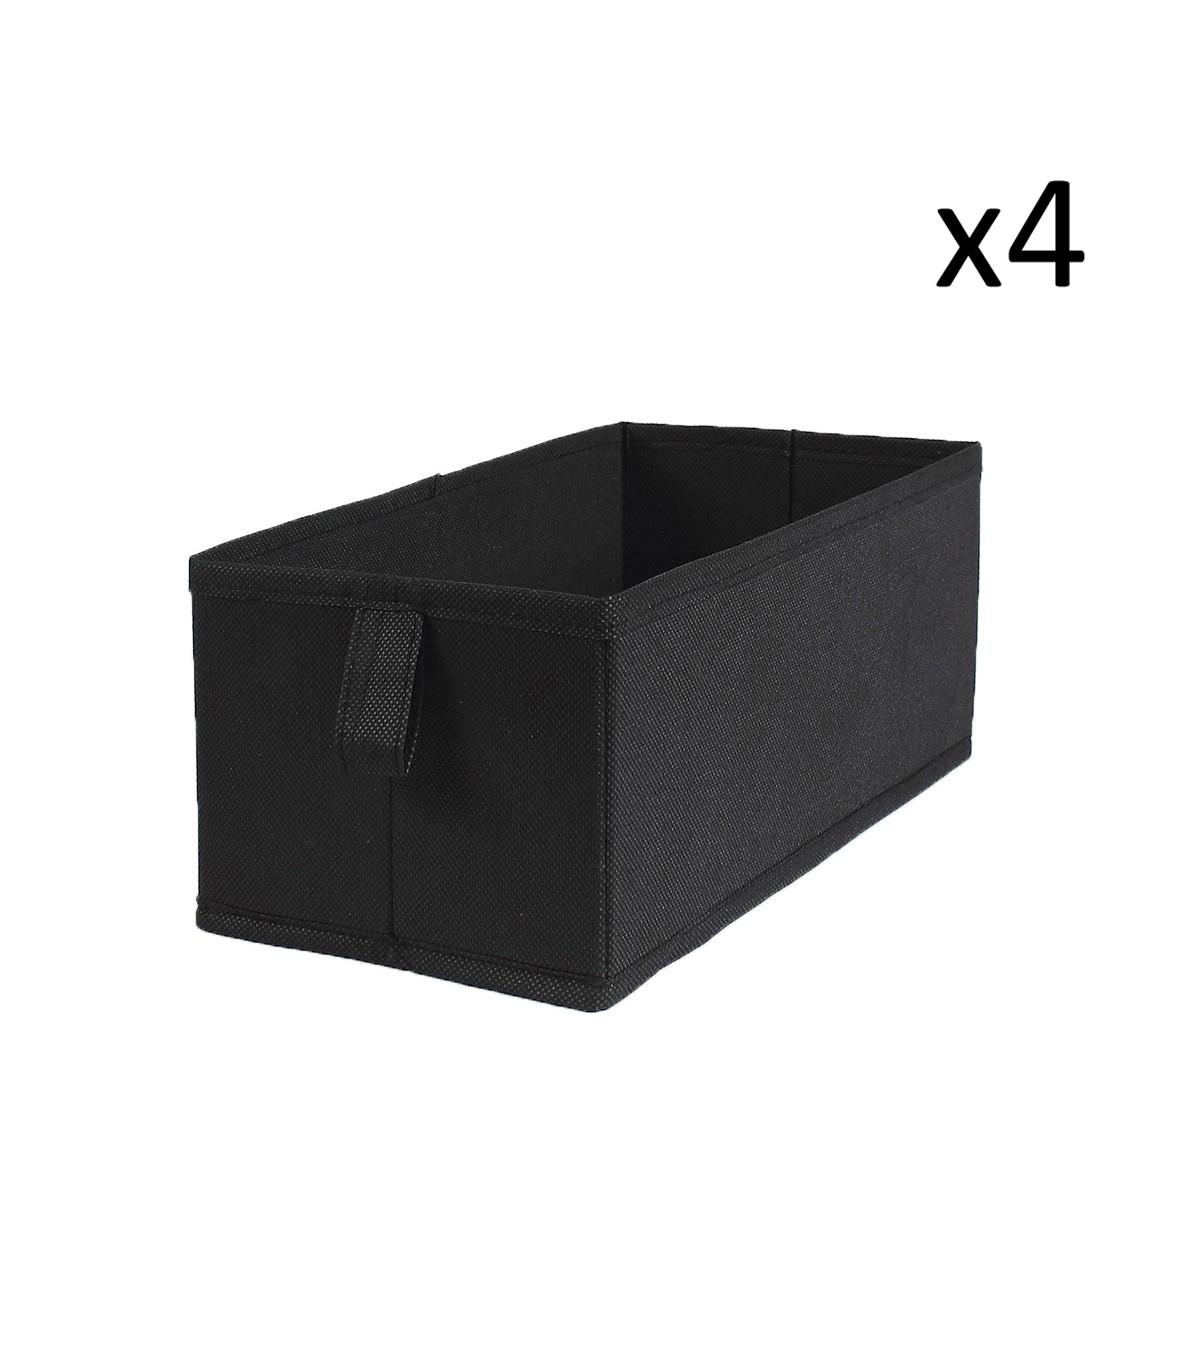 Lot de 4 tiroirs pliables intissés 28x14x11cm - Noir